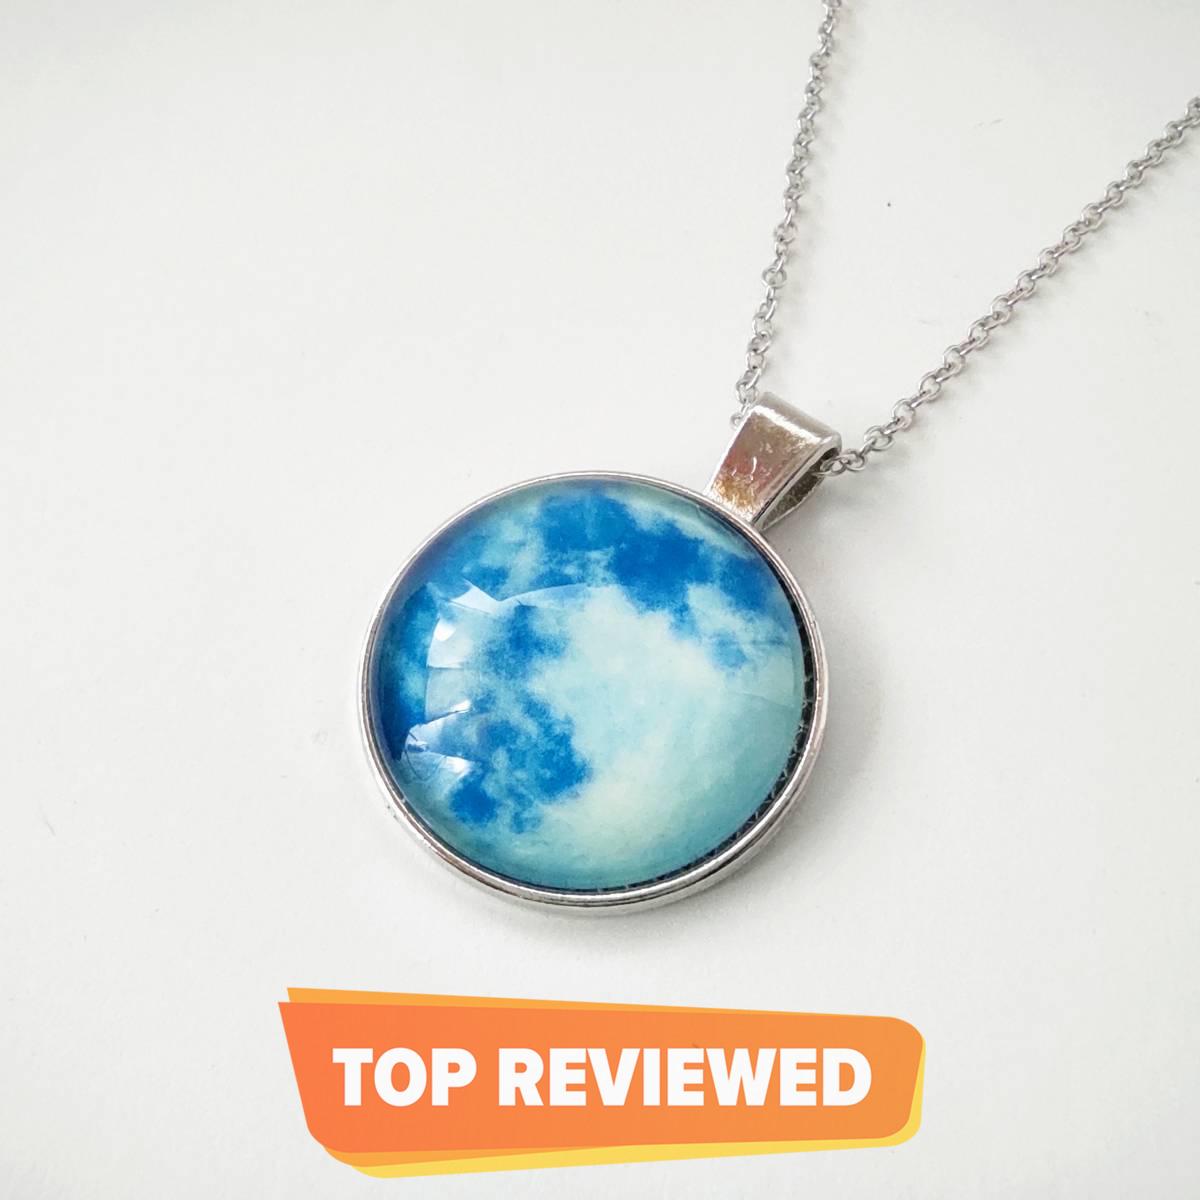 Fancy Glow In The Dark Moon Pendant Necklace